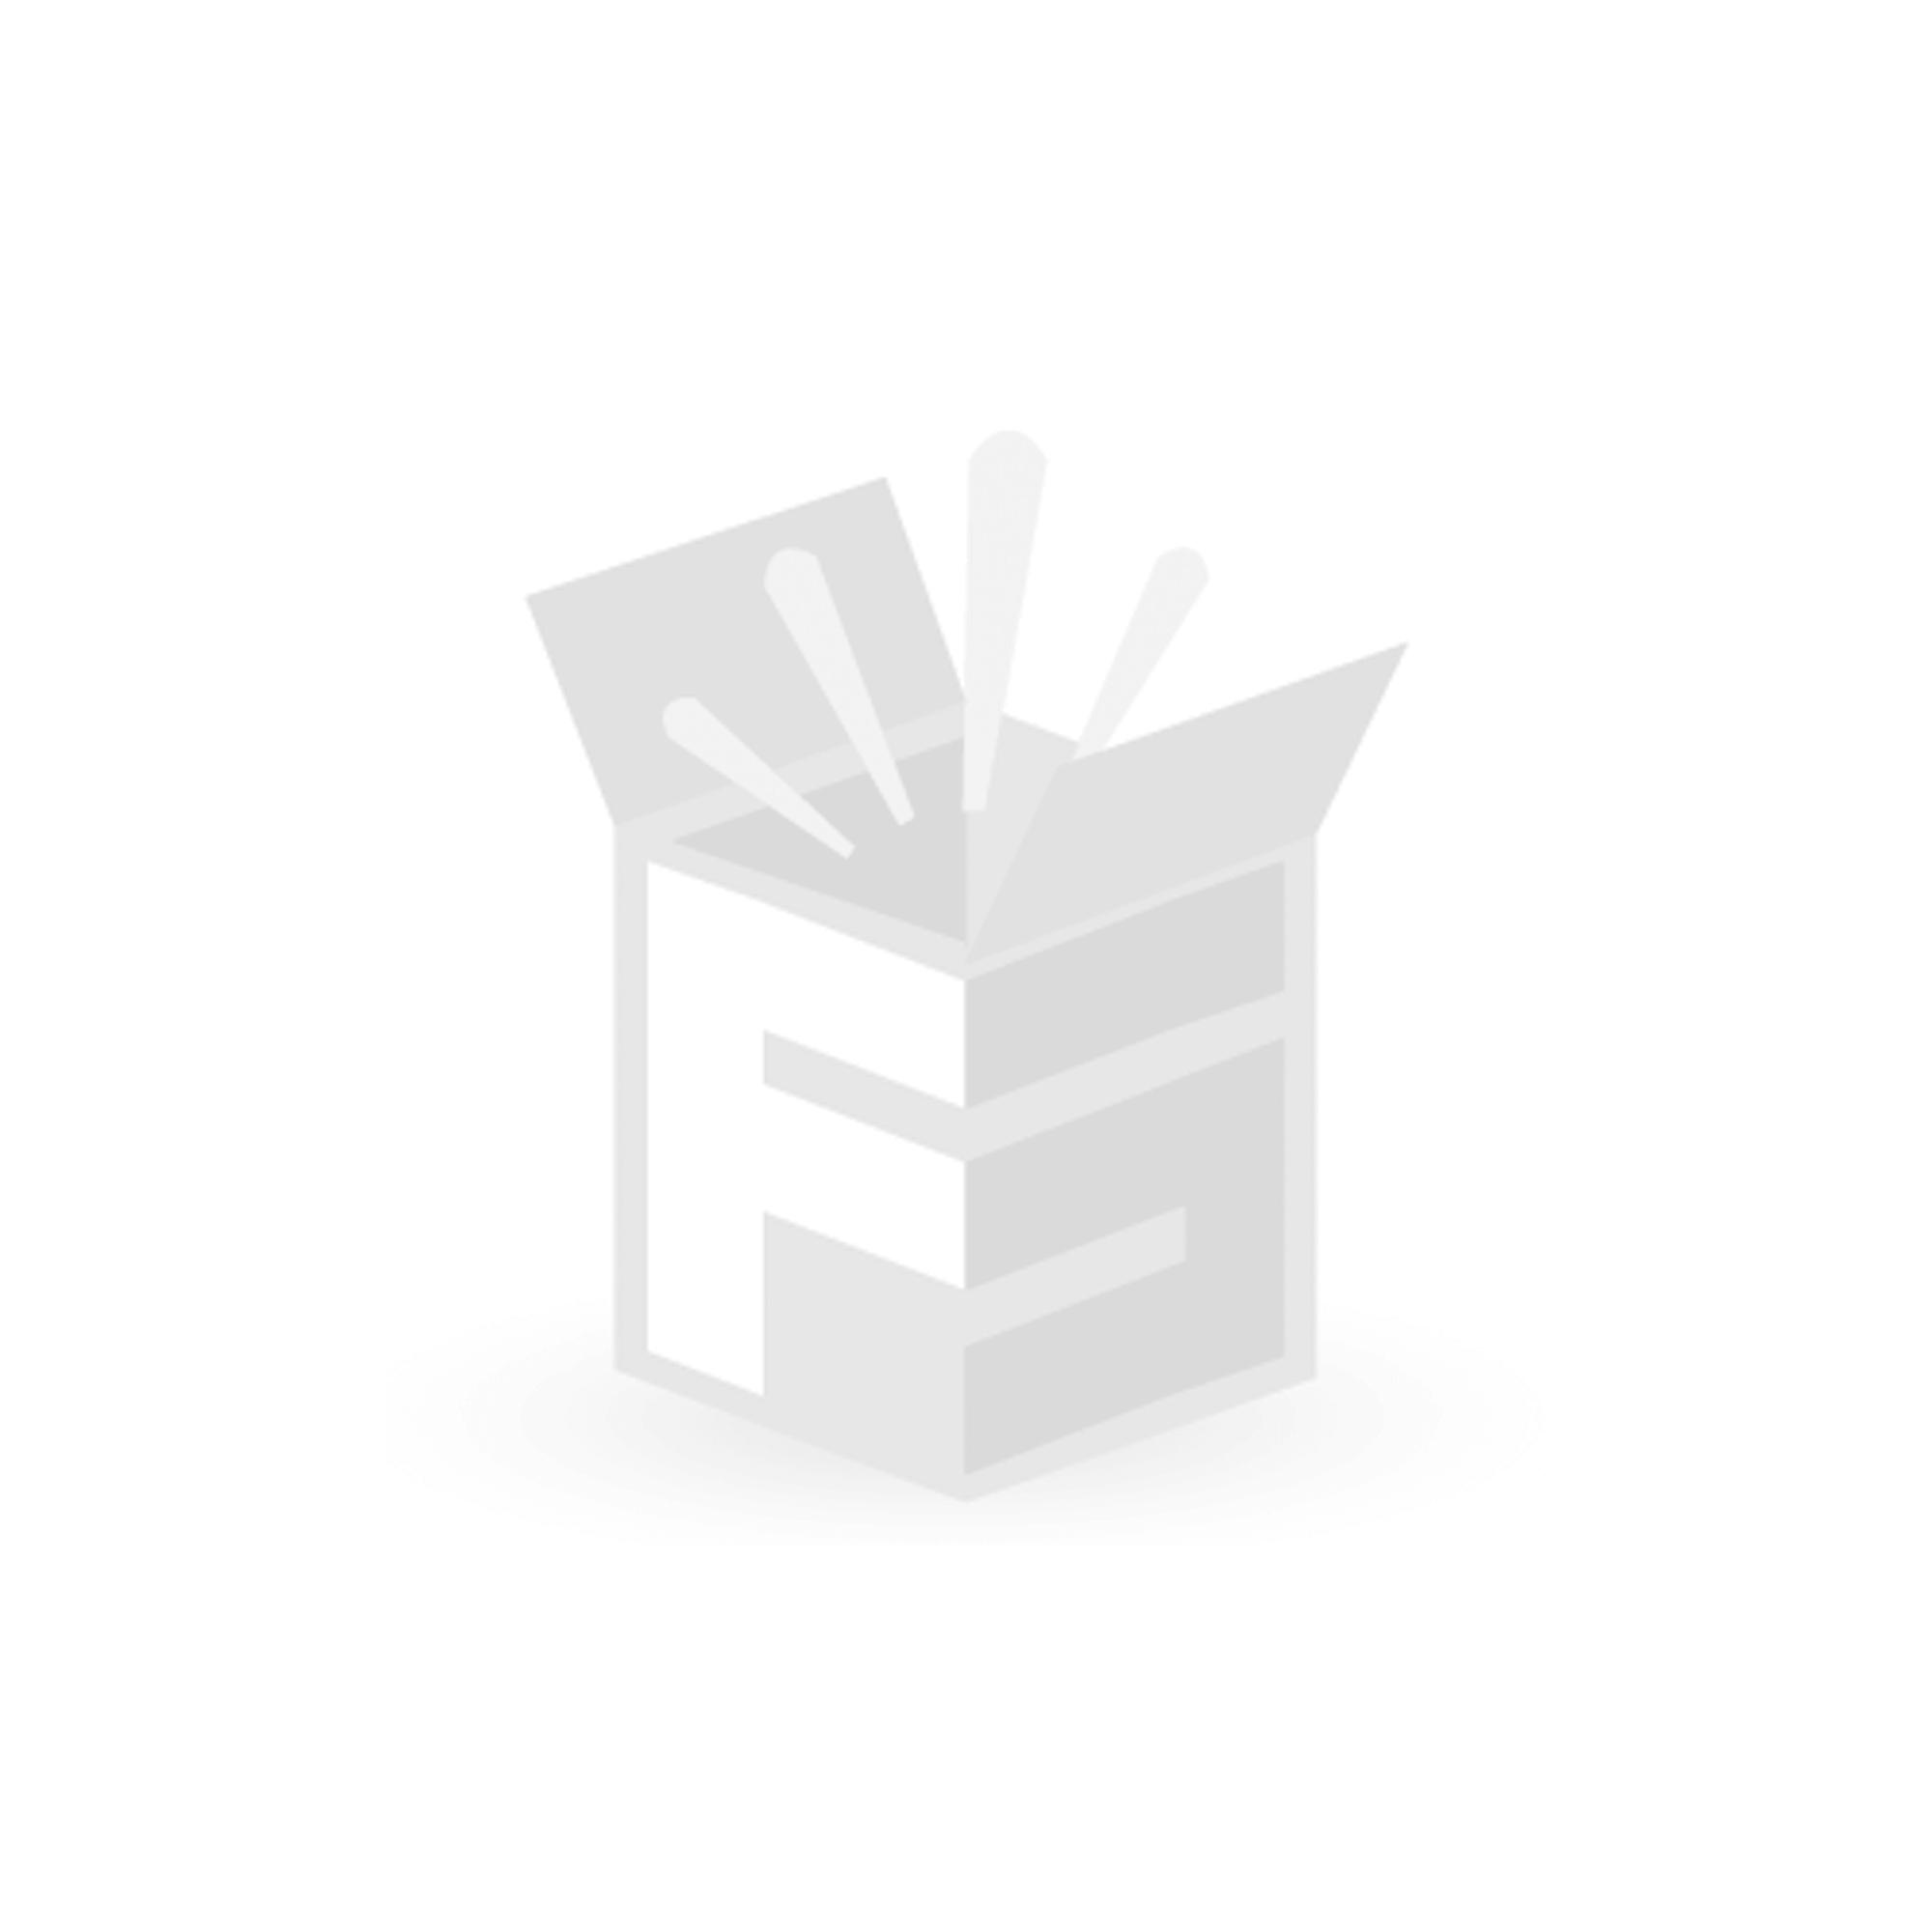 bosch metallbohrer set probox hss g 135 25 teilig. Black Bedroom Furniture Sets. Home Design Ideas